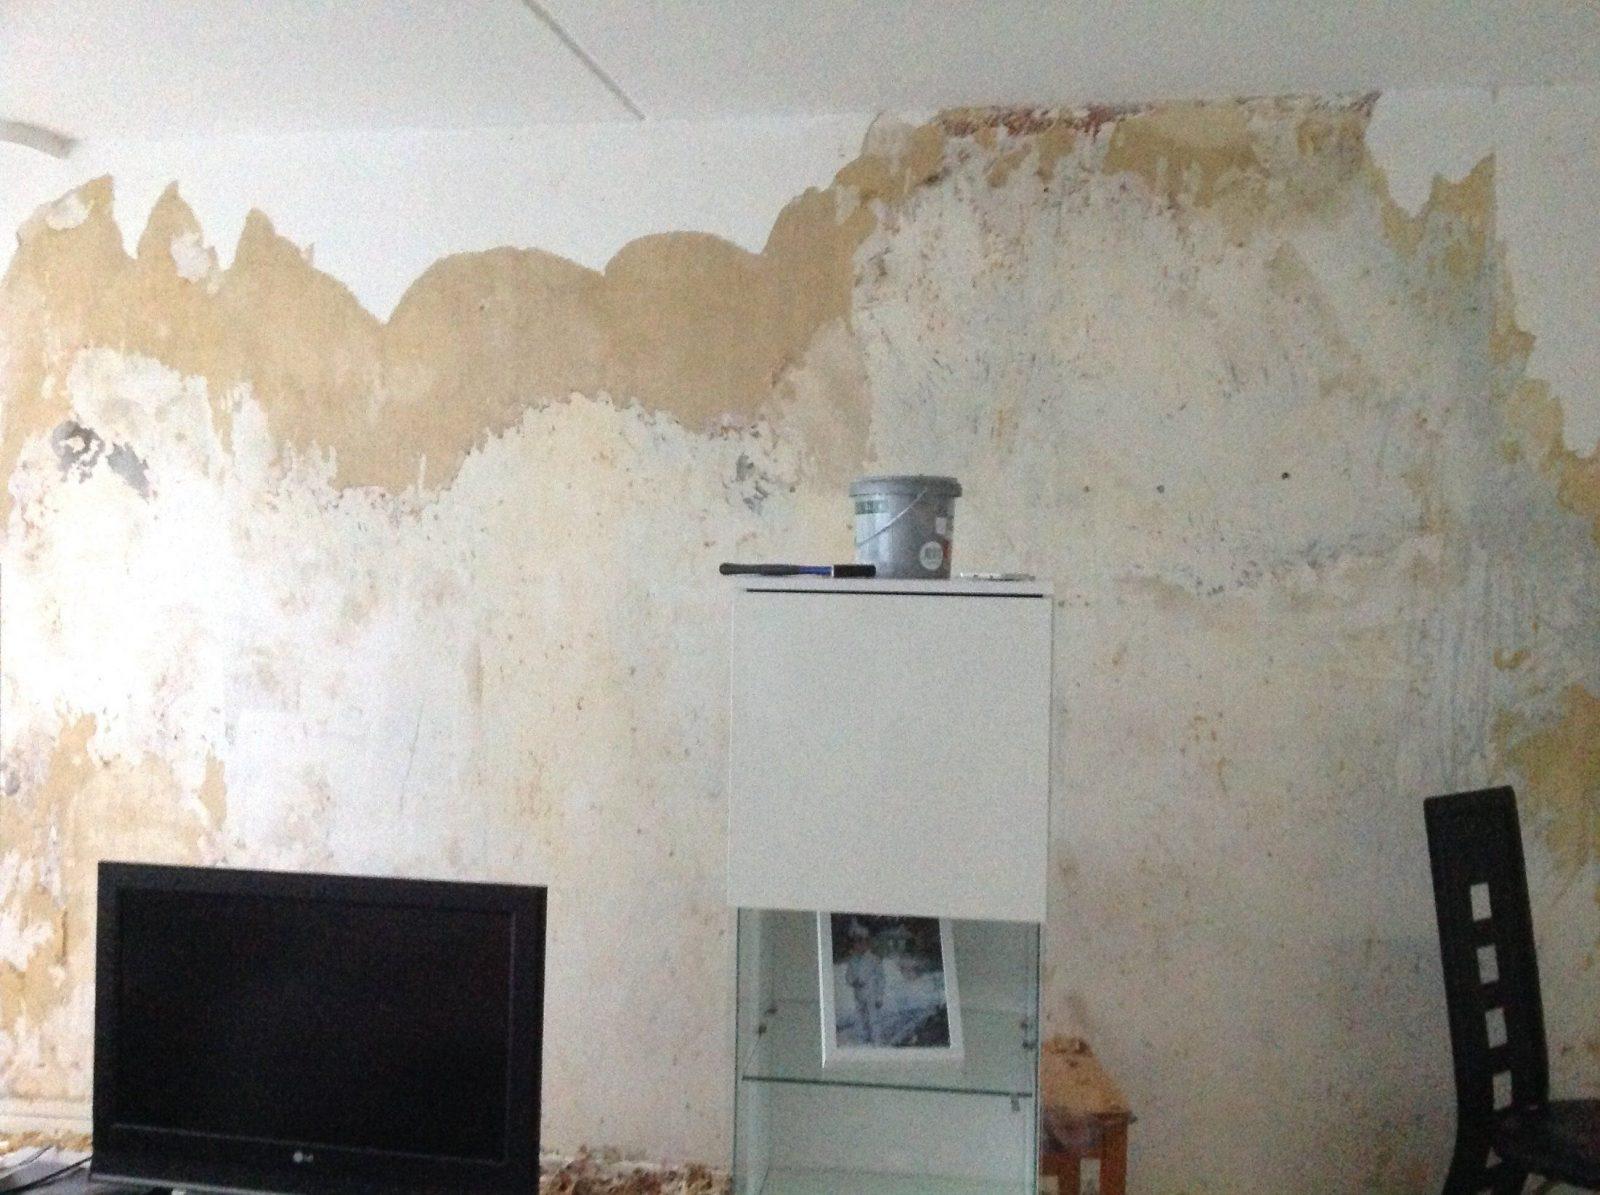 W nde ohne tapete gestalten haus design ideen - Wand ohne tapete ...